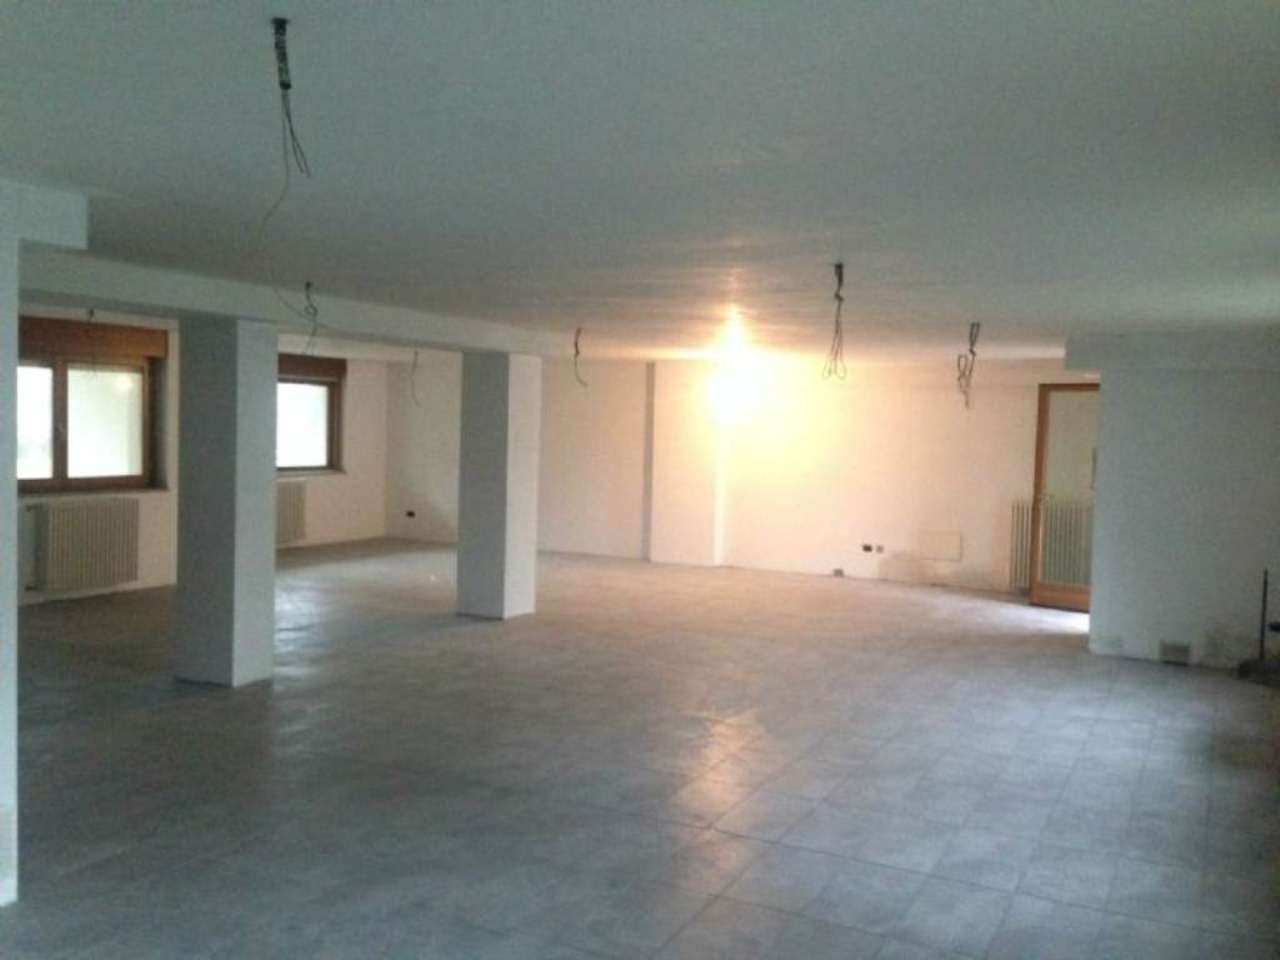 Magazzino in vendita a Gallarate, 1 locali, prezzo € 140.000 | Cambio Casa.it